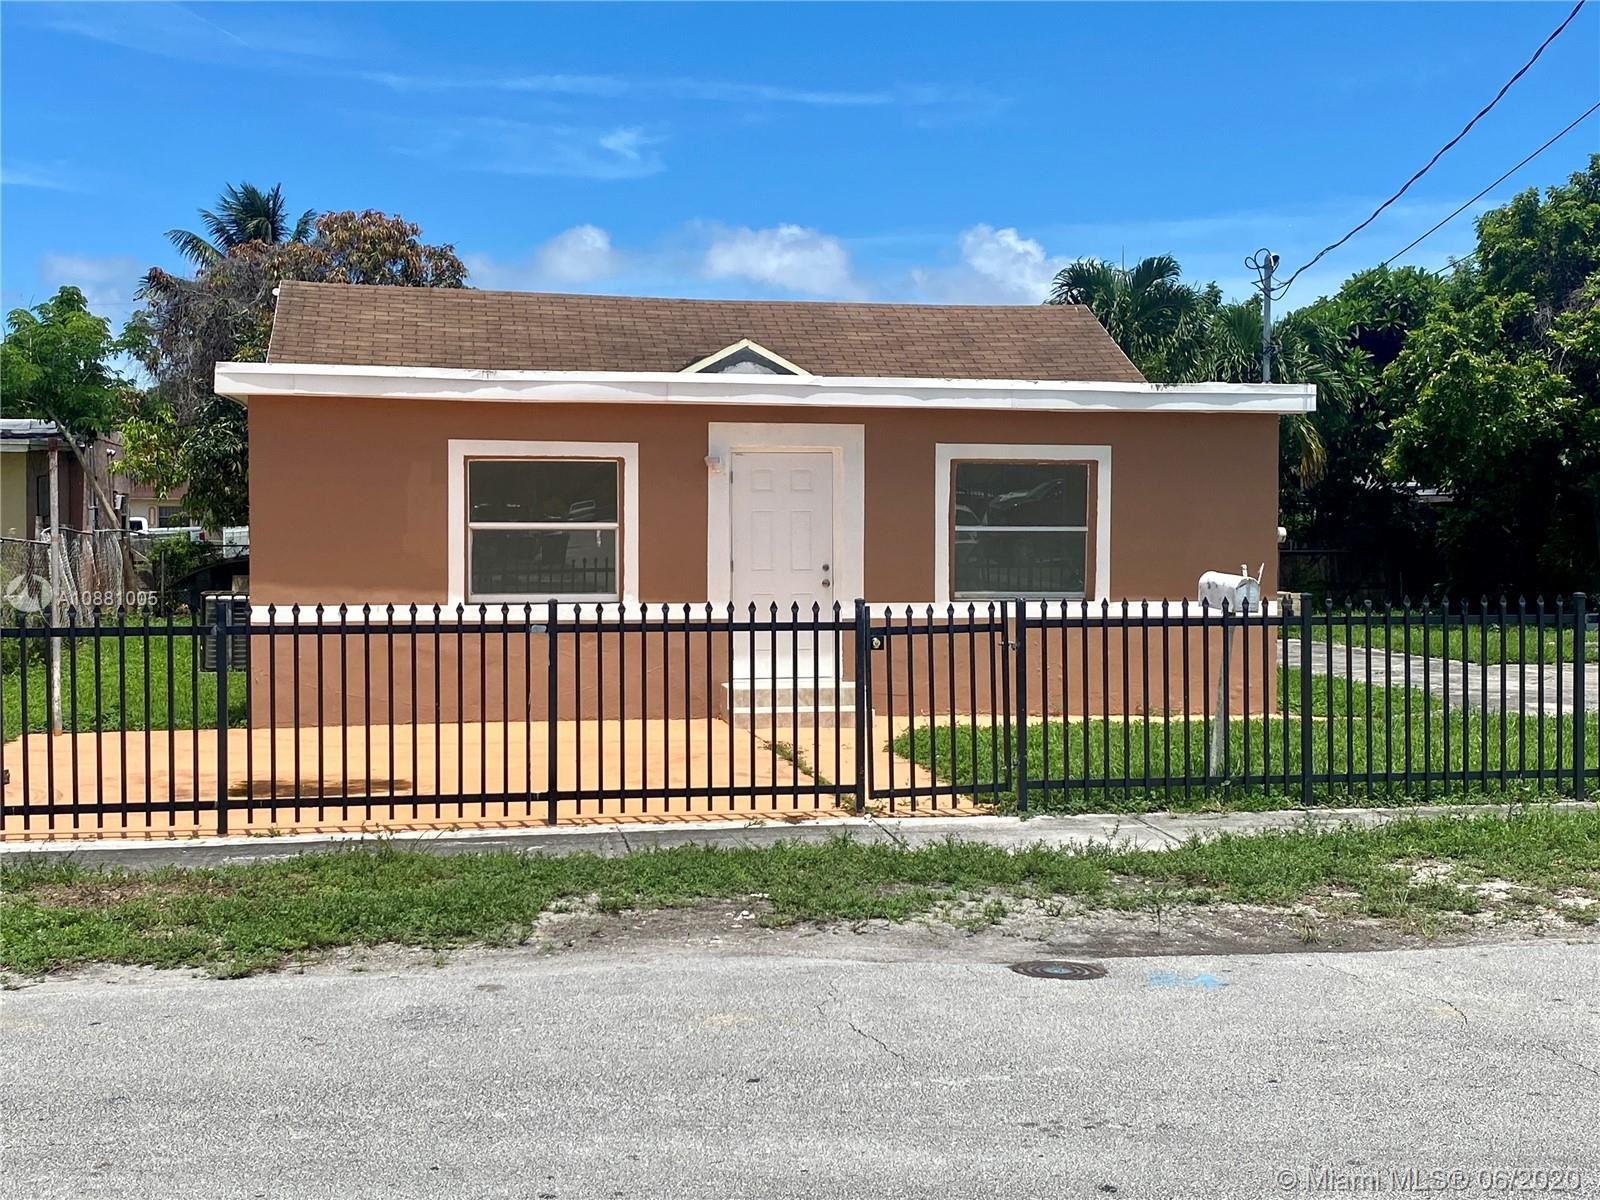 8135 NW 15th Ave, Miami, FL 33147 - #: A10881005